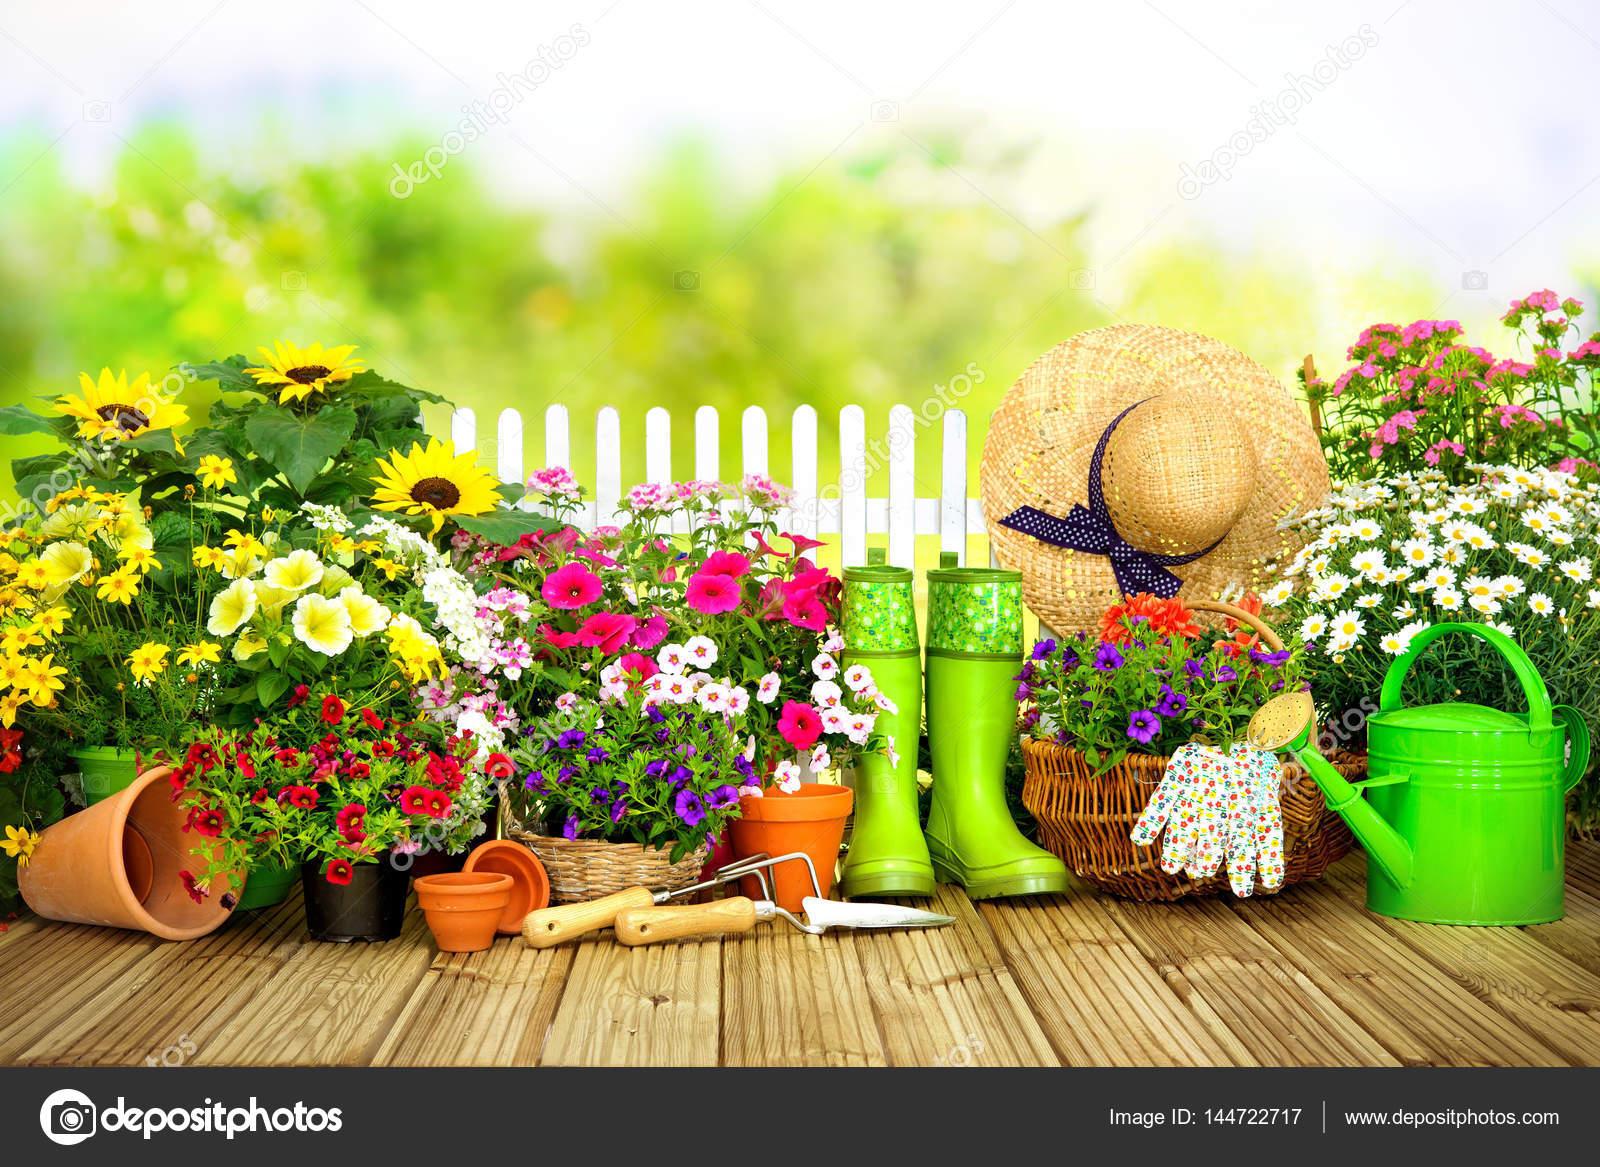 Imágenes Jardinería Herramientas De Jardinería Y Flores